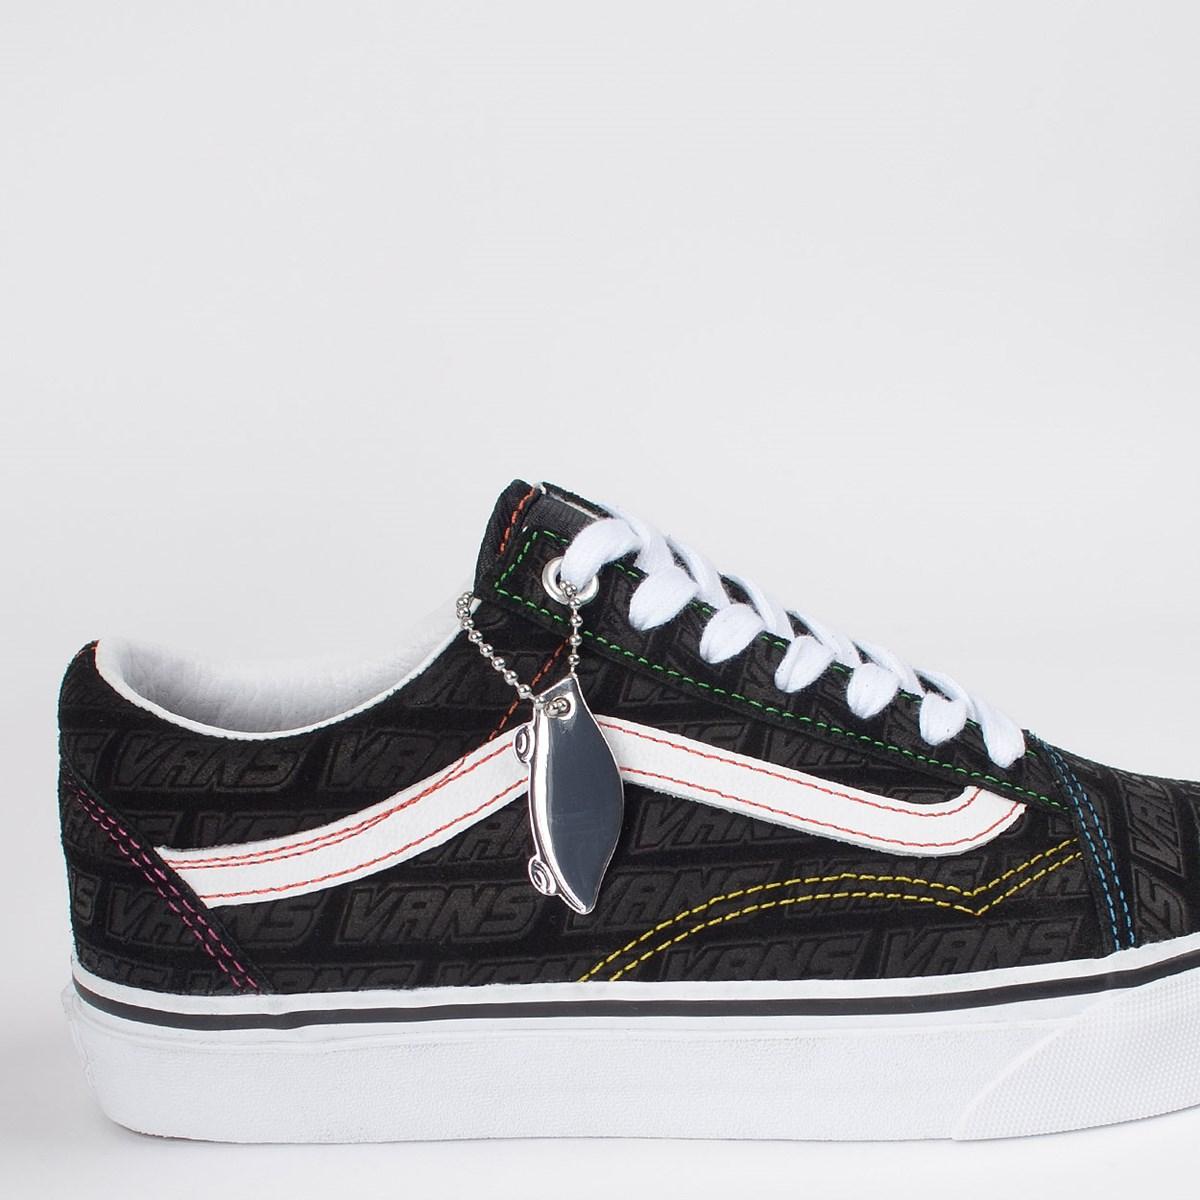 Tênis Vans Old Skool Emboss Black True White VN0A4U3BX00